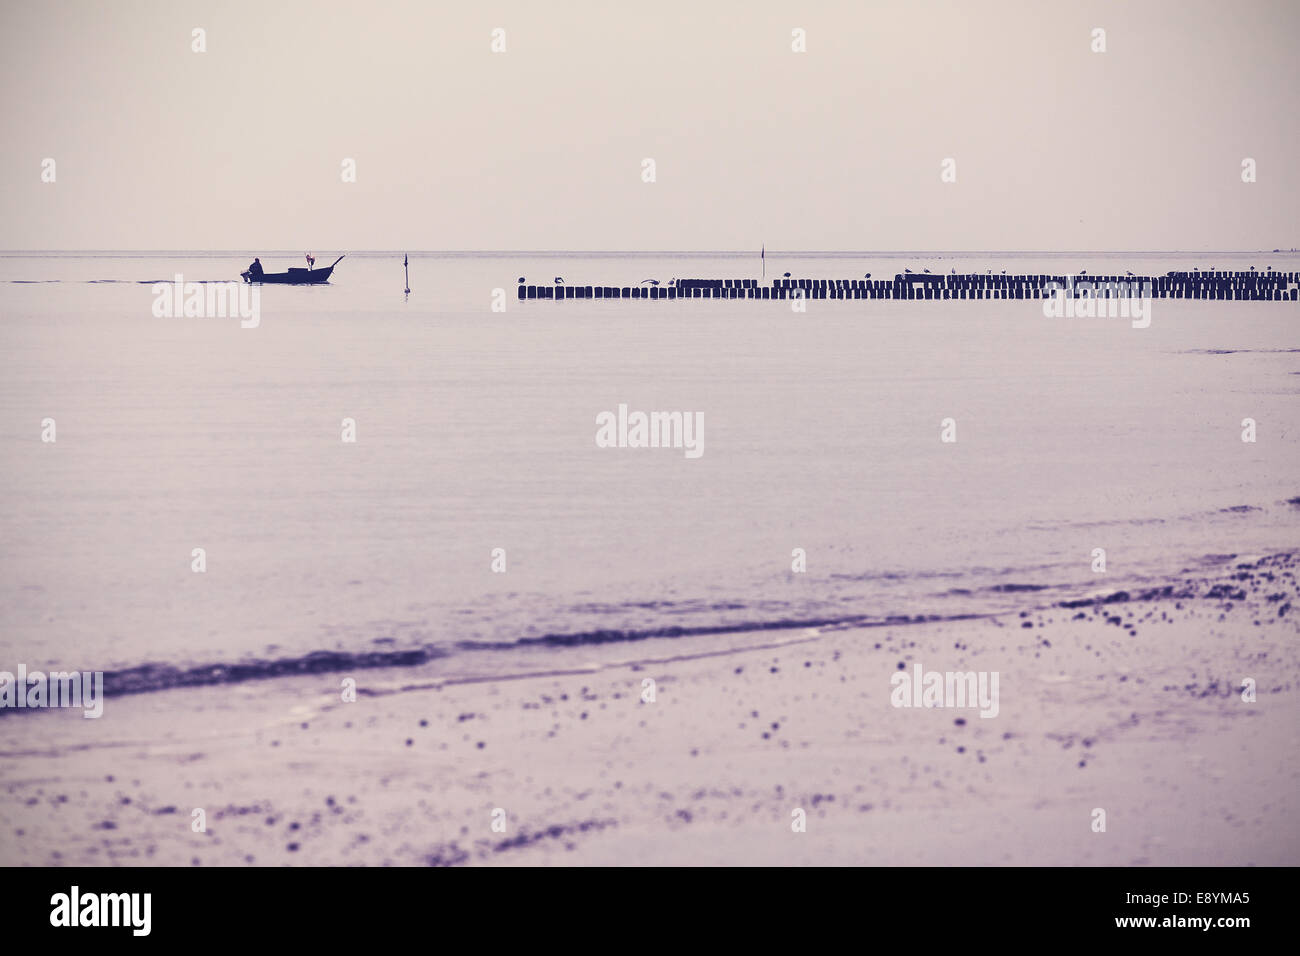 Filtra retro nostálgico paisaje del mar de fondo. Imagen De Stock